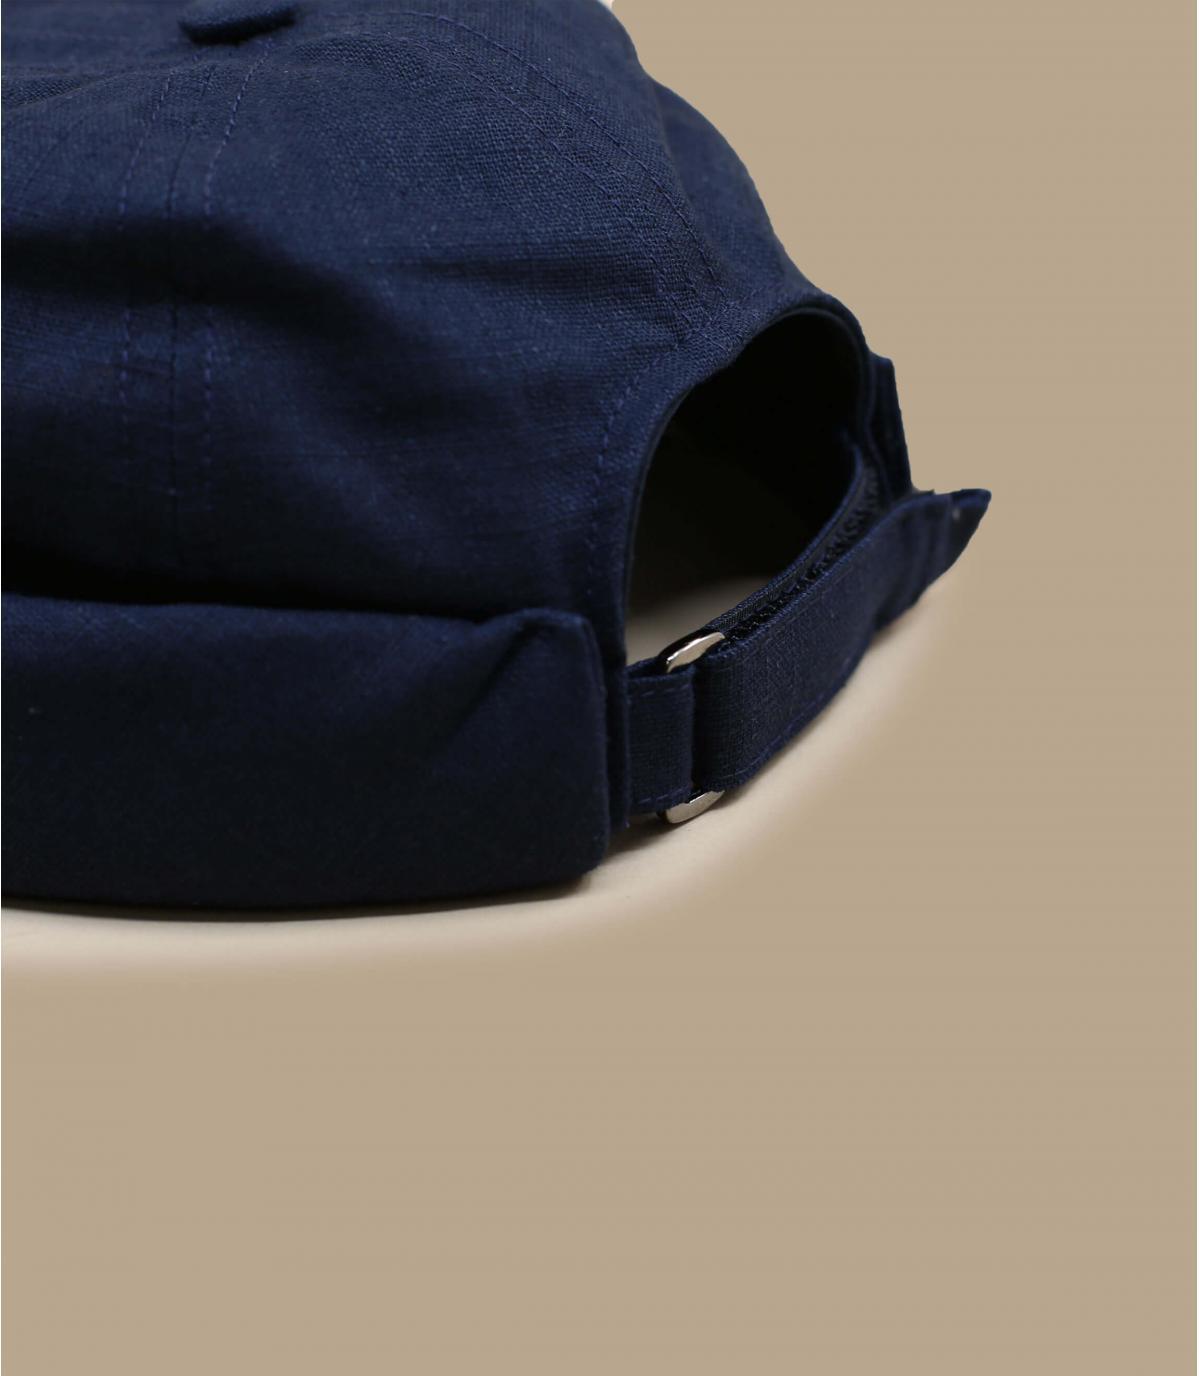 Détails Cooper Linen navy - image 3